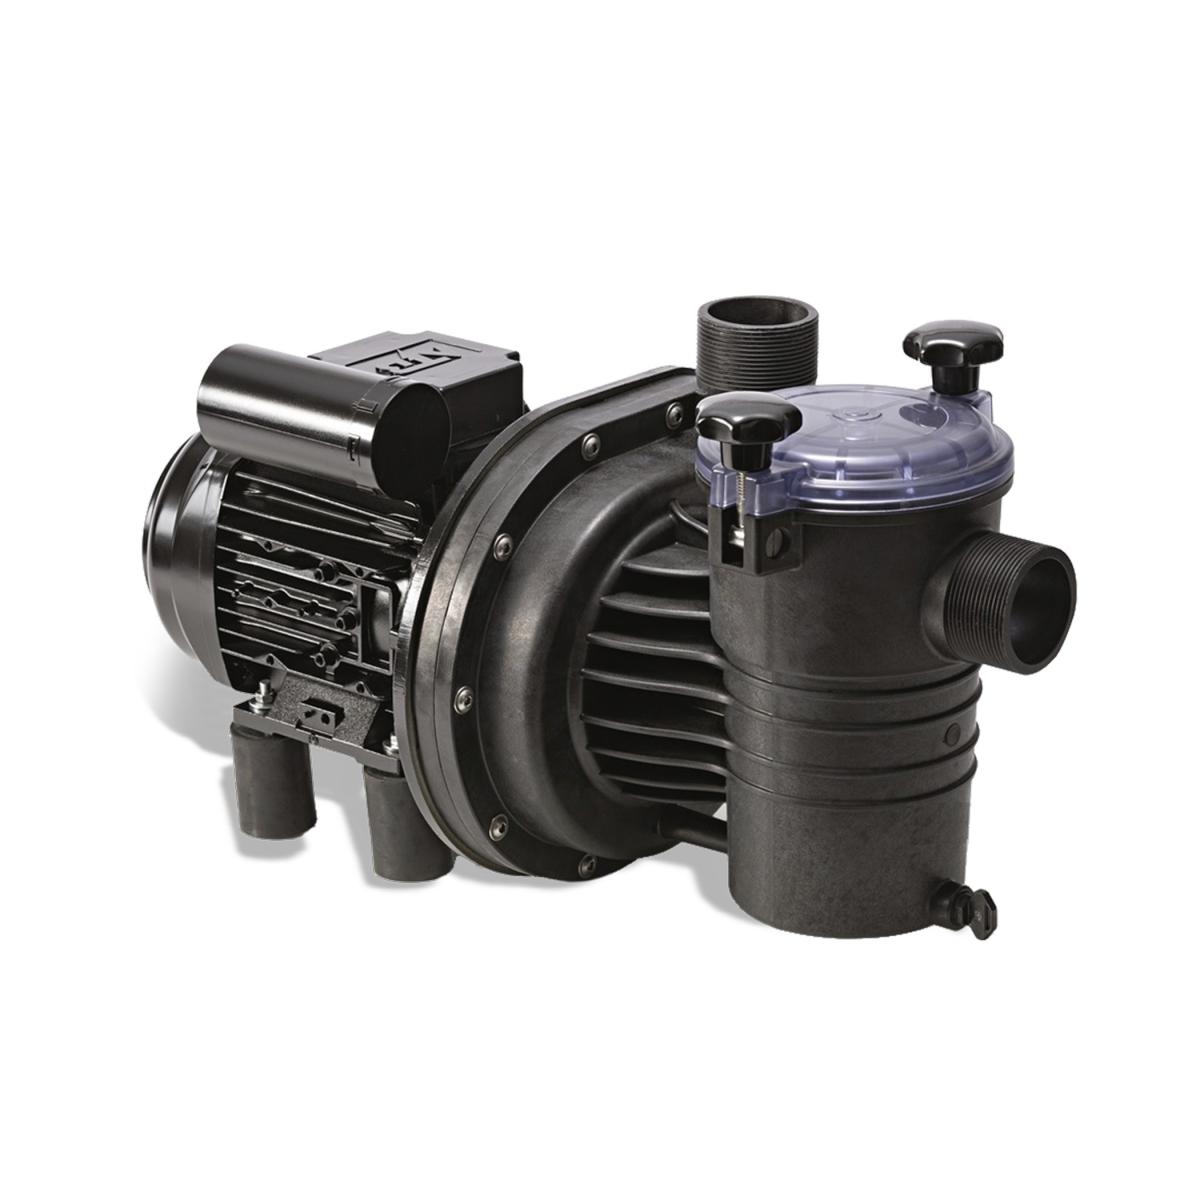 """Smart EO11-1 Schwimmbadpumpe, Fördermenge 11 m3/h bei 8 m Wassersäule, Förderhöhe max. 15 m, Motorleistung P2 0,55 kW, 230V, einphasig, IP55, Anschluss 2"""", für Pools bis zu 60 m3 Smart EO11-1 Schwimmbadpumpe, Fördermenge 11 m3/h bei 8 m Wassersäule, Förderhöhe max. 15 m, Motorleistung P2 0,55 kW, 230V, einphasig, IP55, Anschluss 2"""", für Pools bis zu 60 m3"""